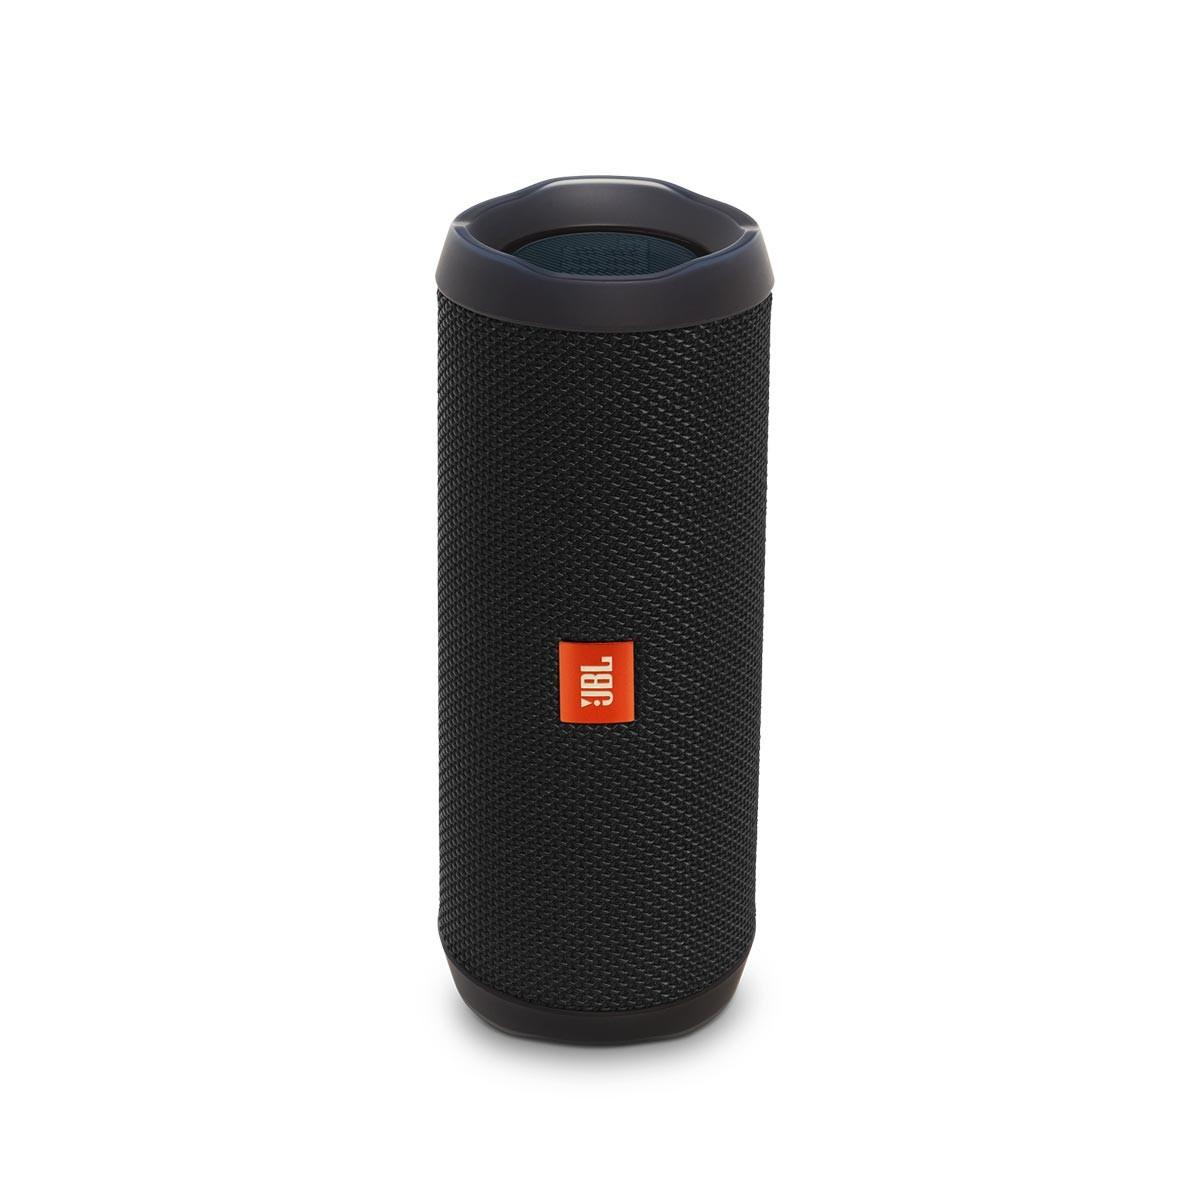 JBL Flip 4, přenosný voděodolný Bluetooth reproduktor - černý